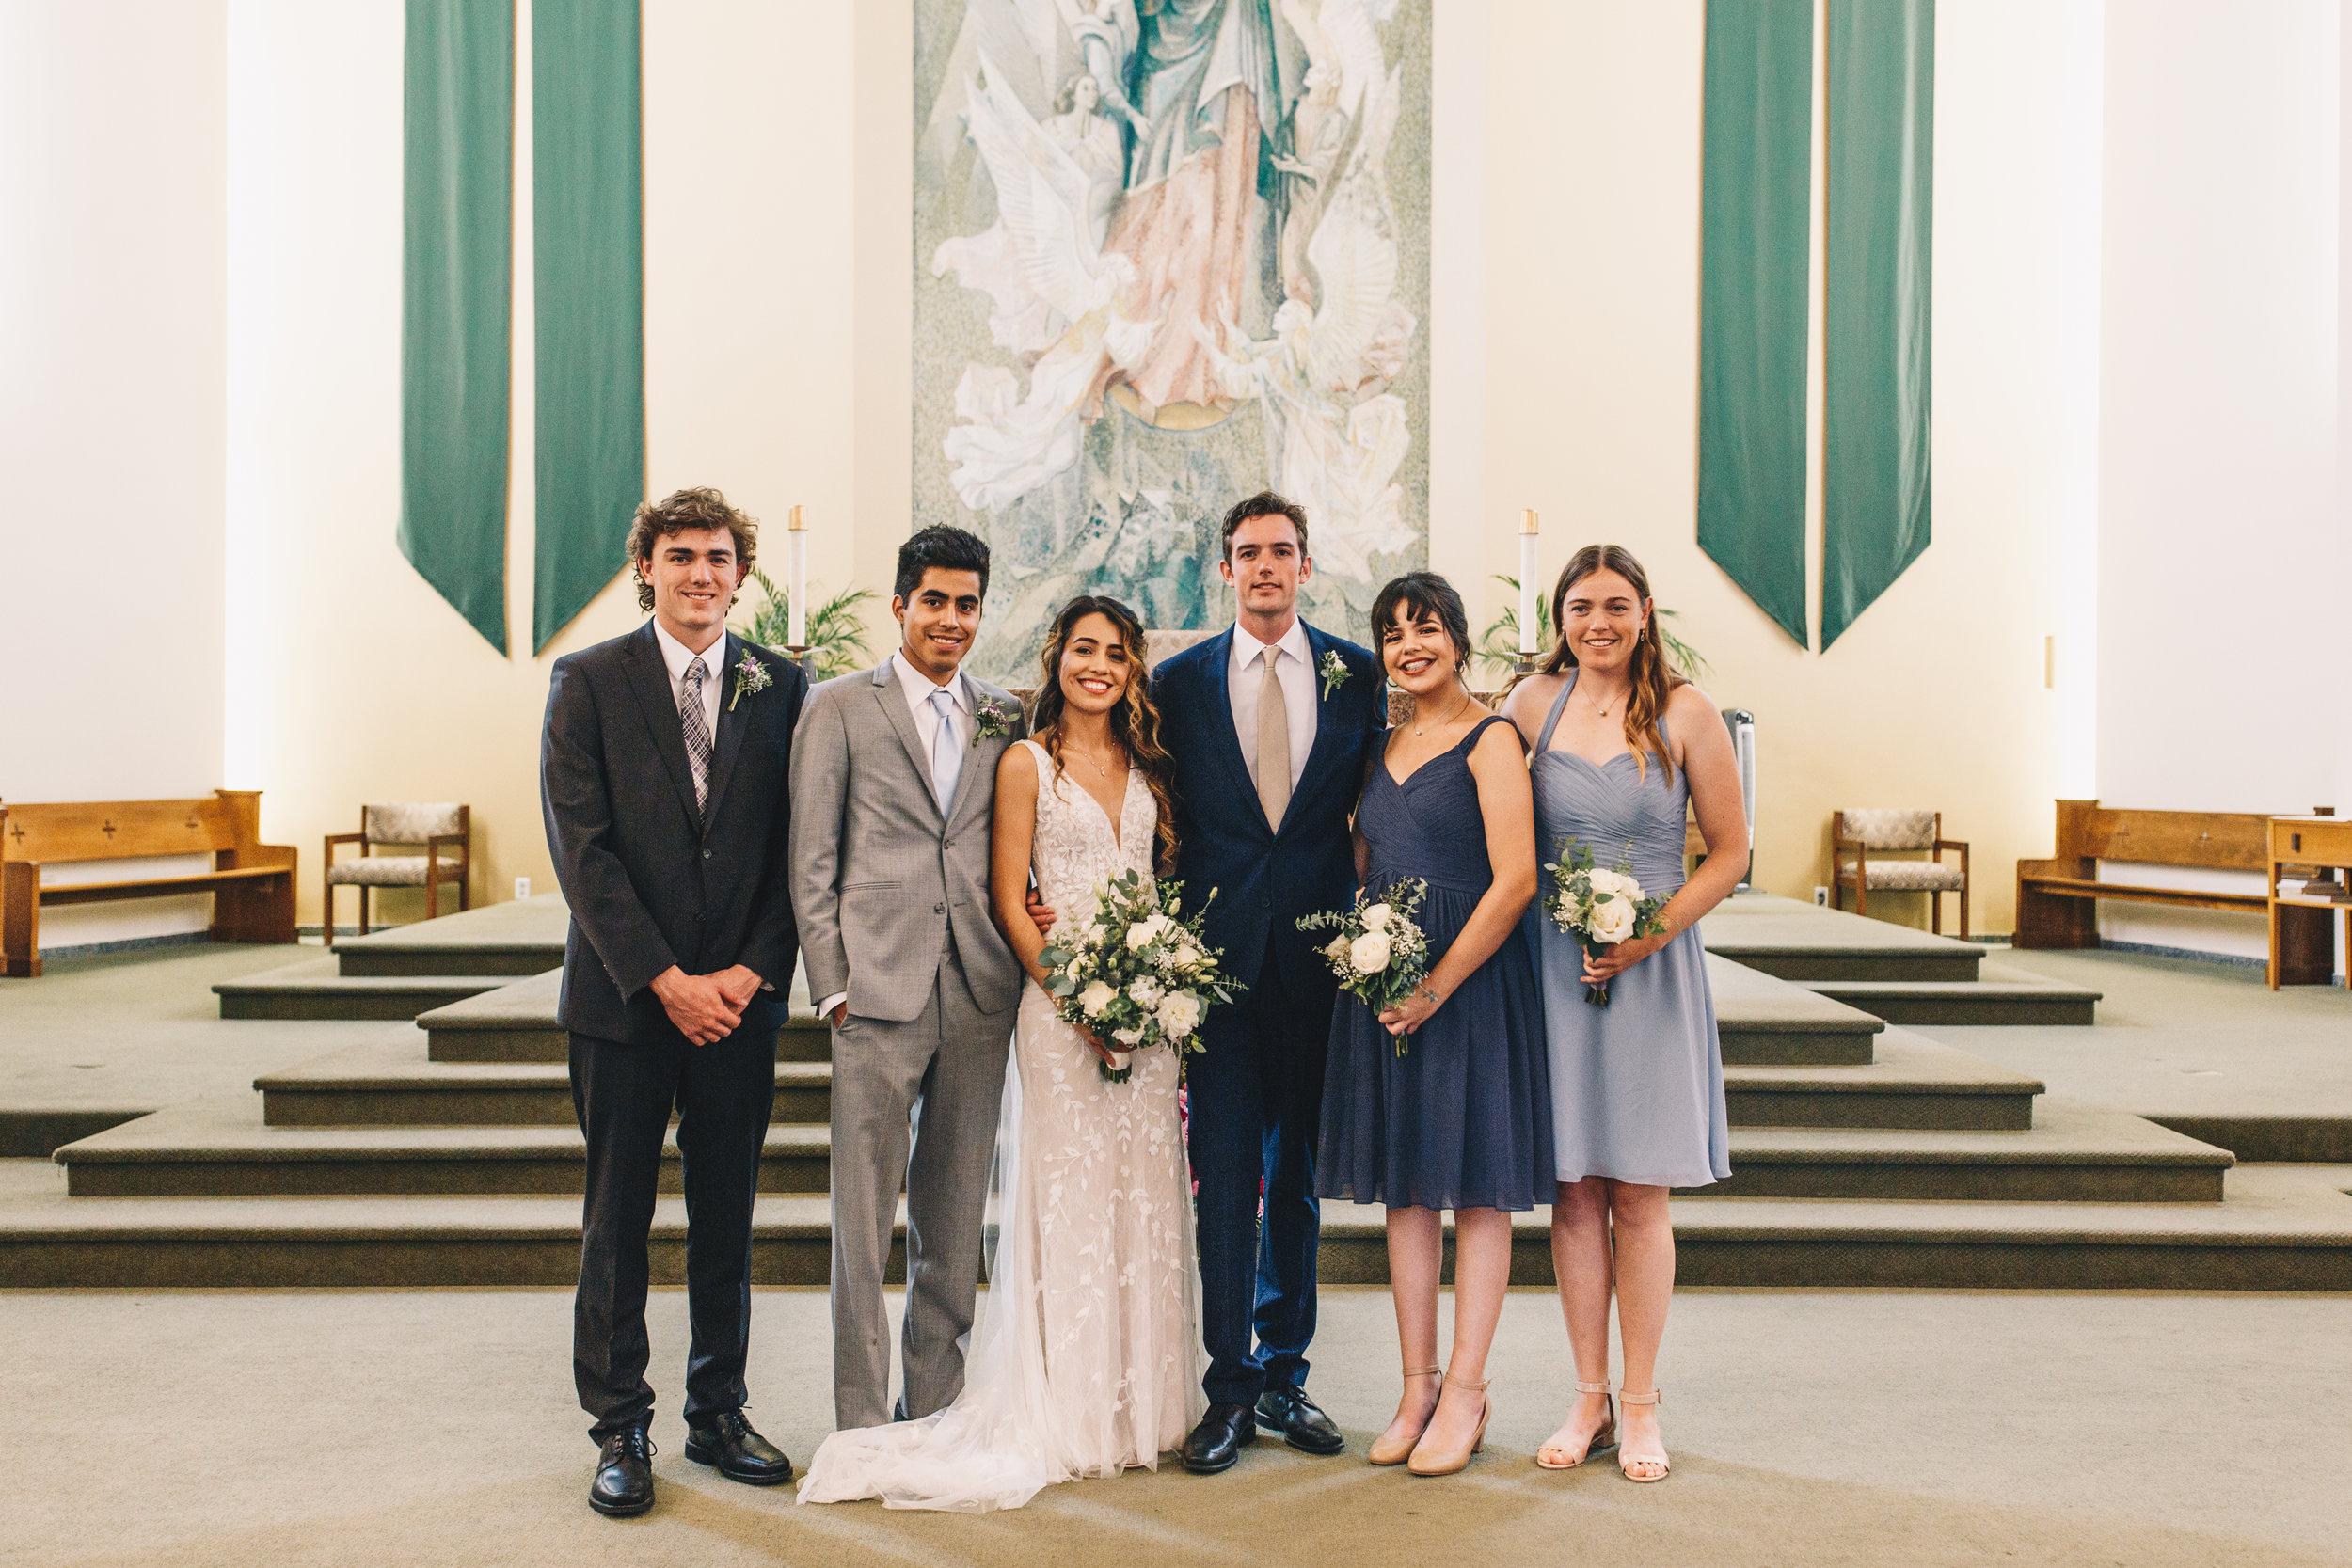 Church Family Photos-10.jpg